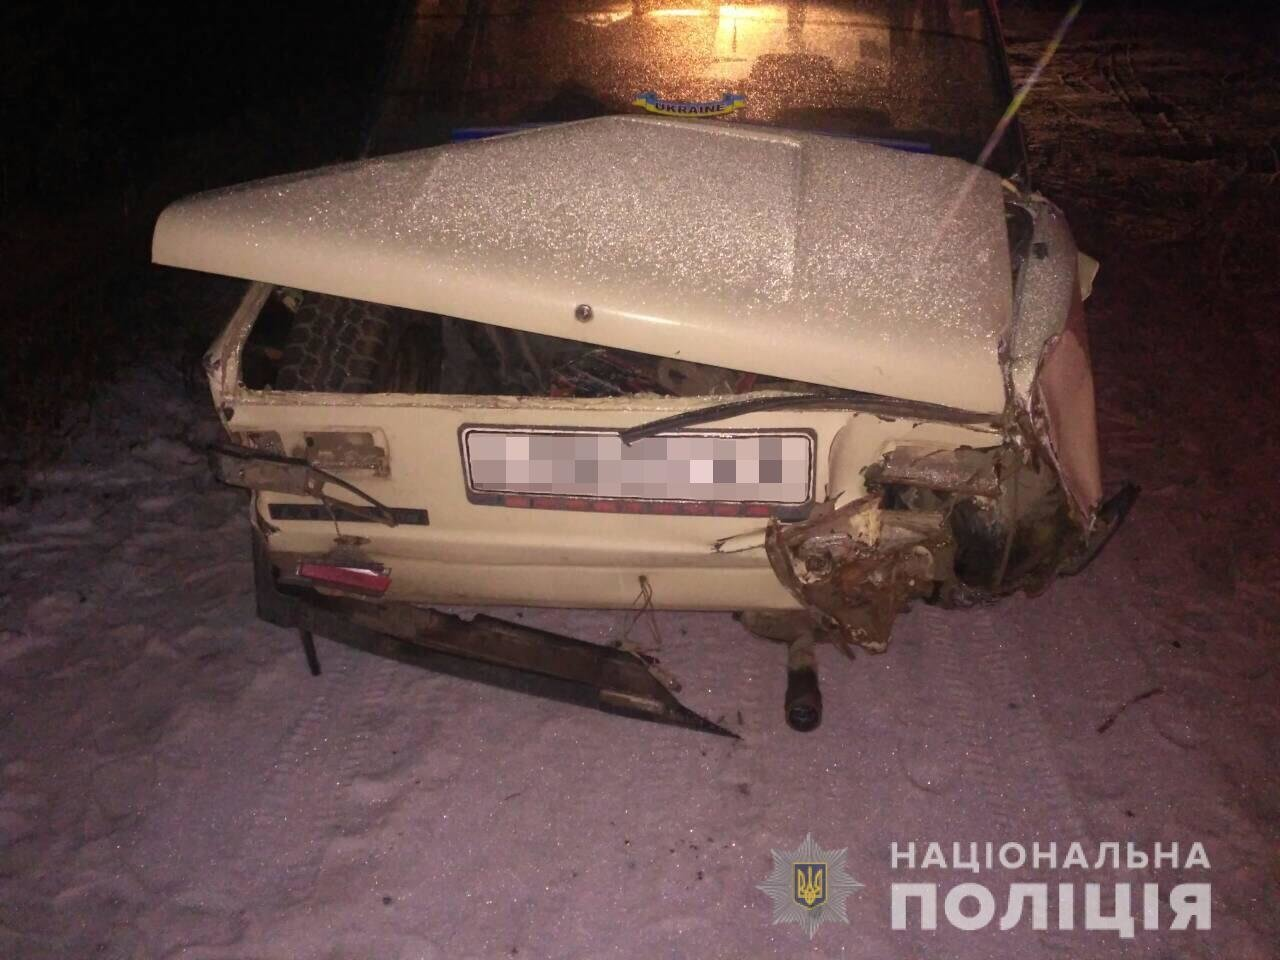 Угнал машину и устроил ДТП. Под Харьковом пьяный мужчина пытался сбежать с места аварии, - ФОТО , фото-3